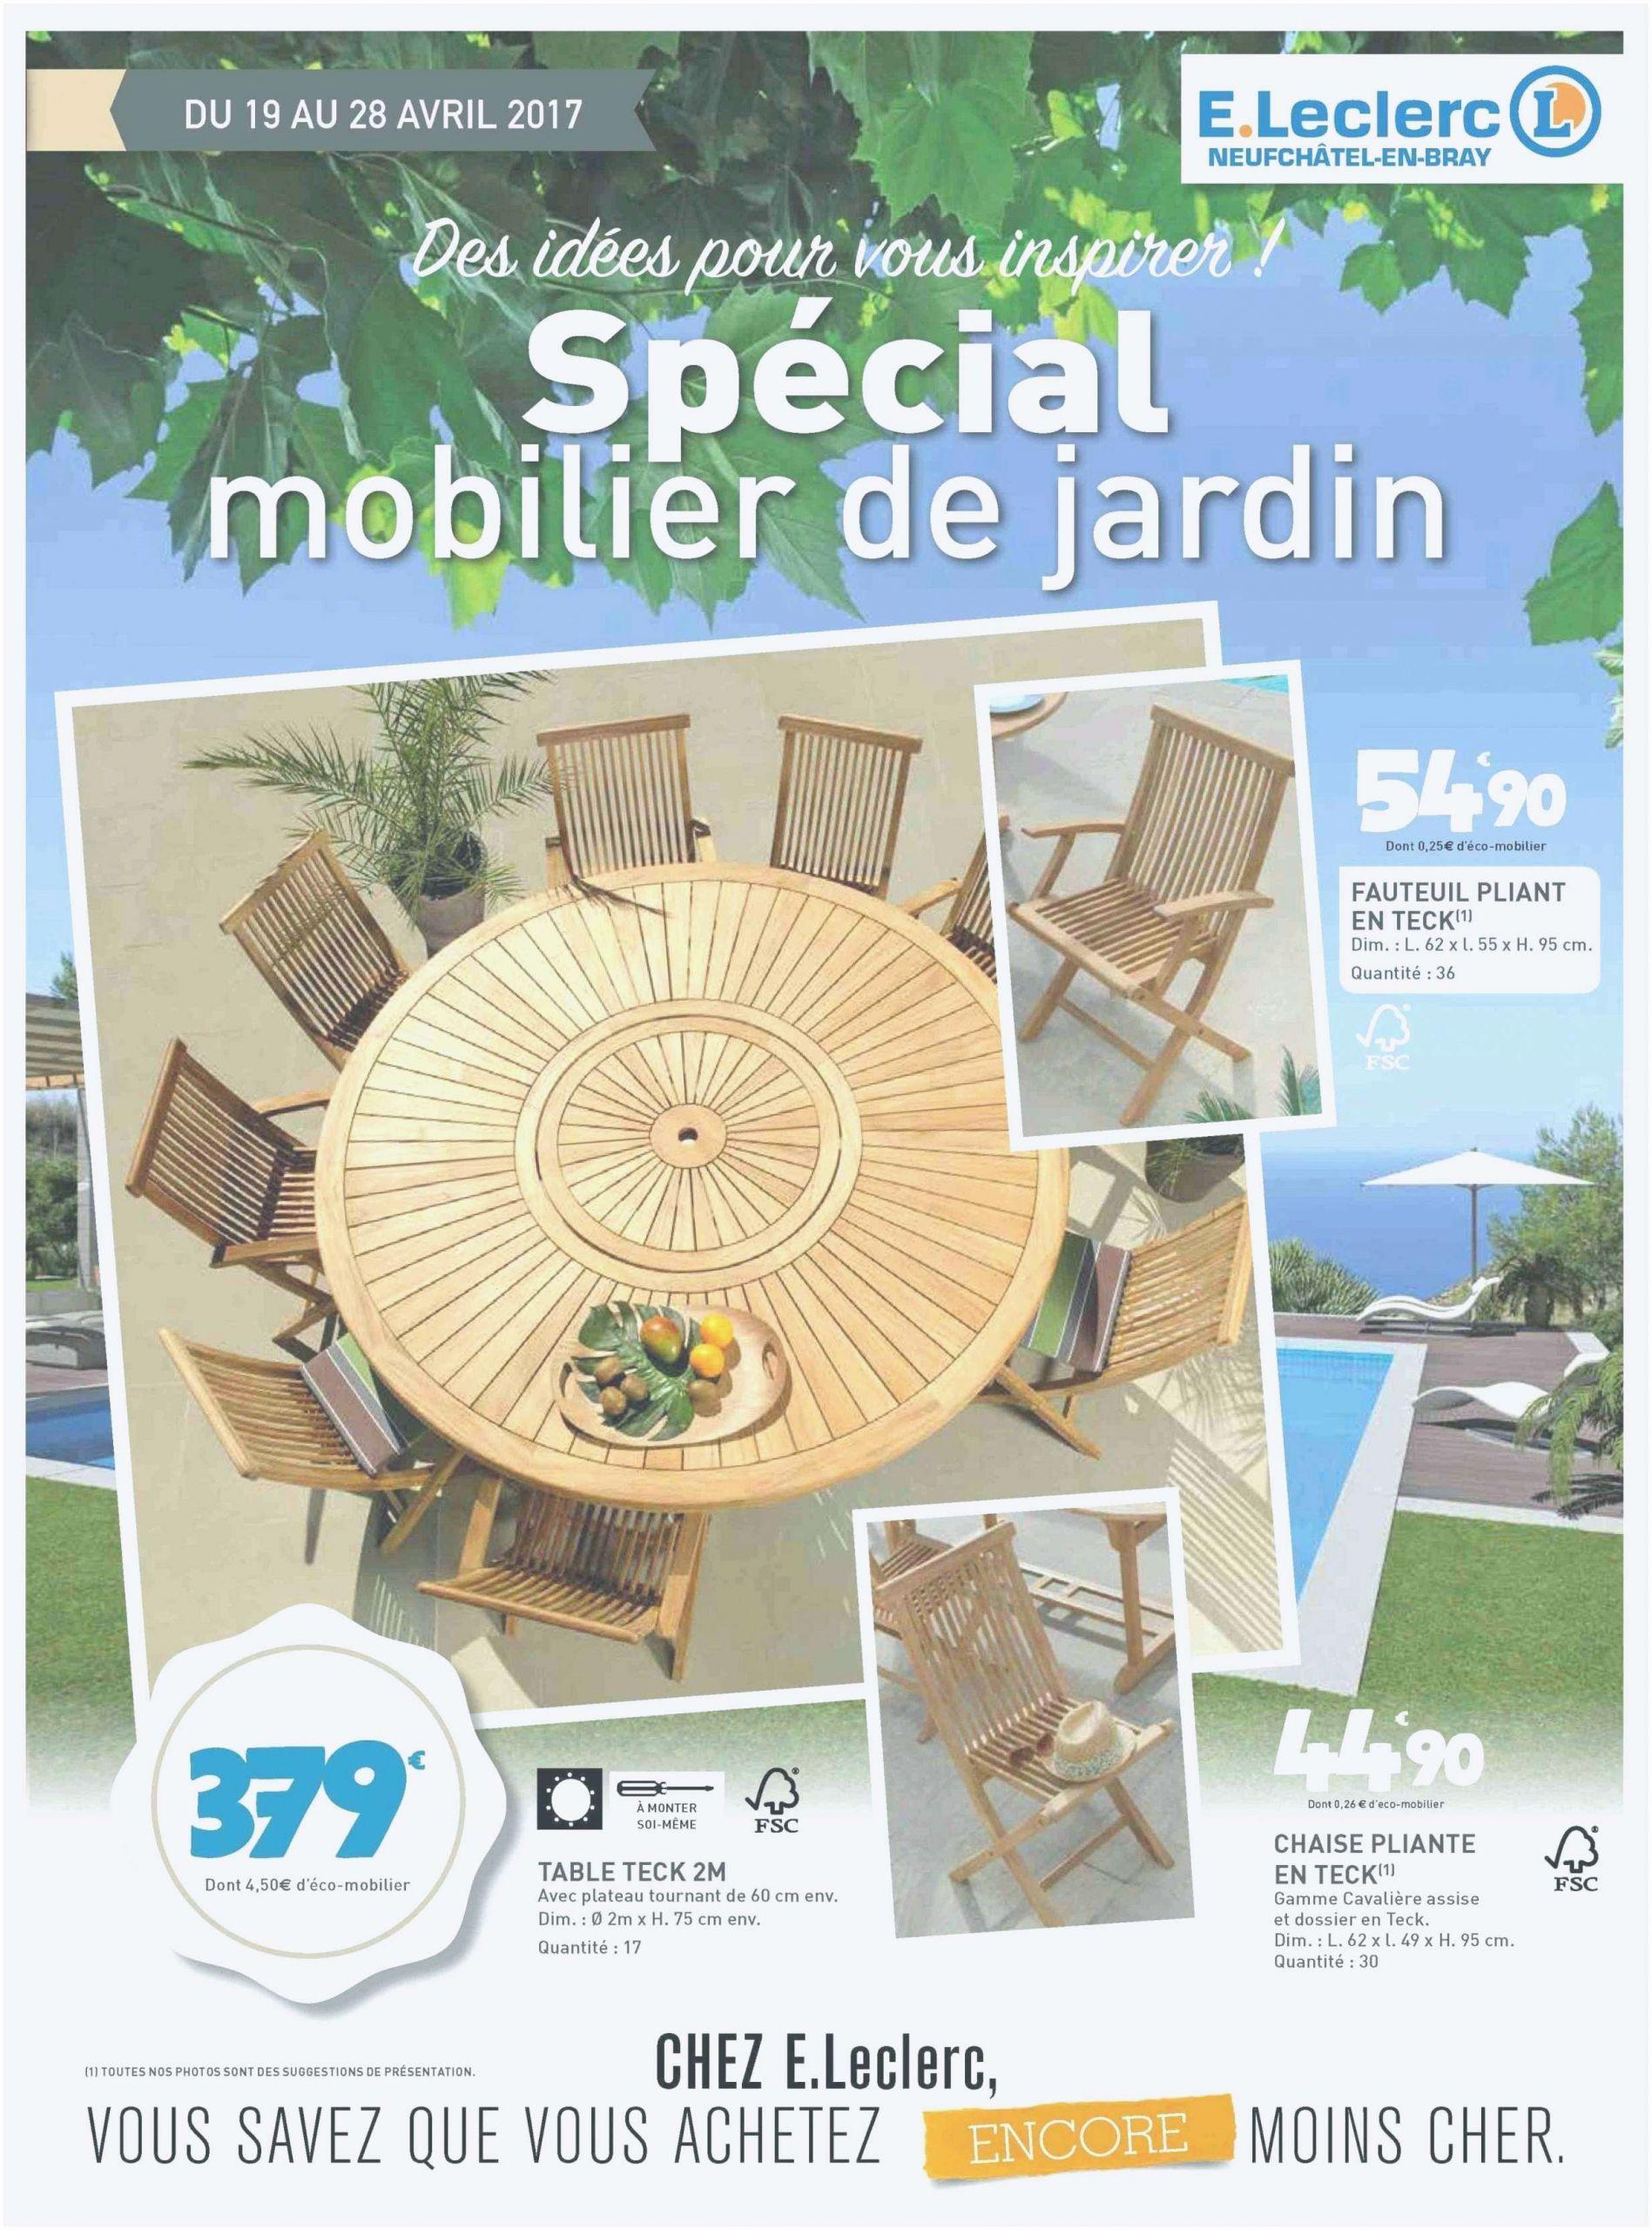 cabane de luxe nouveau luxe brico depot cabane de jardin unique galerie xylophene meuble 0d of cabane de luxe